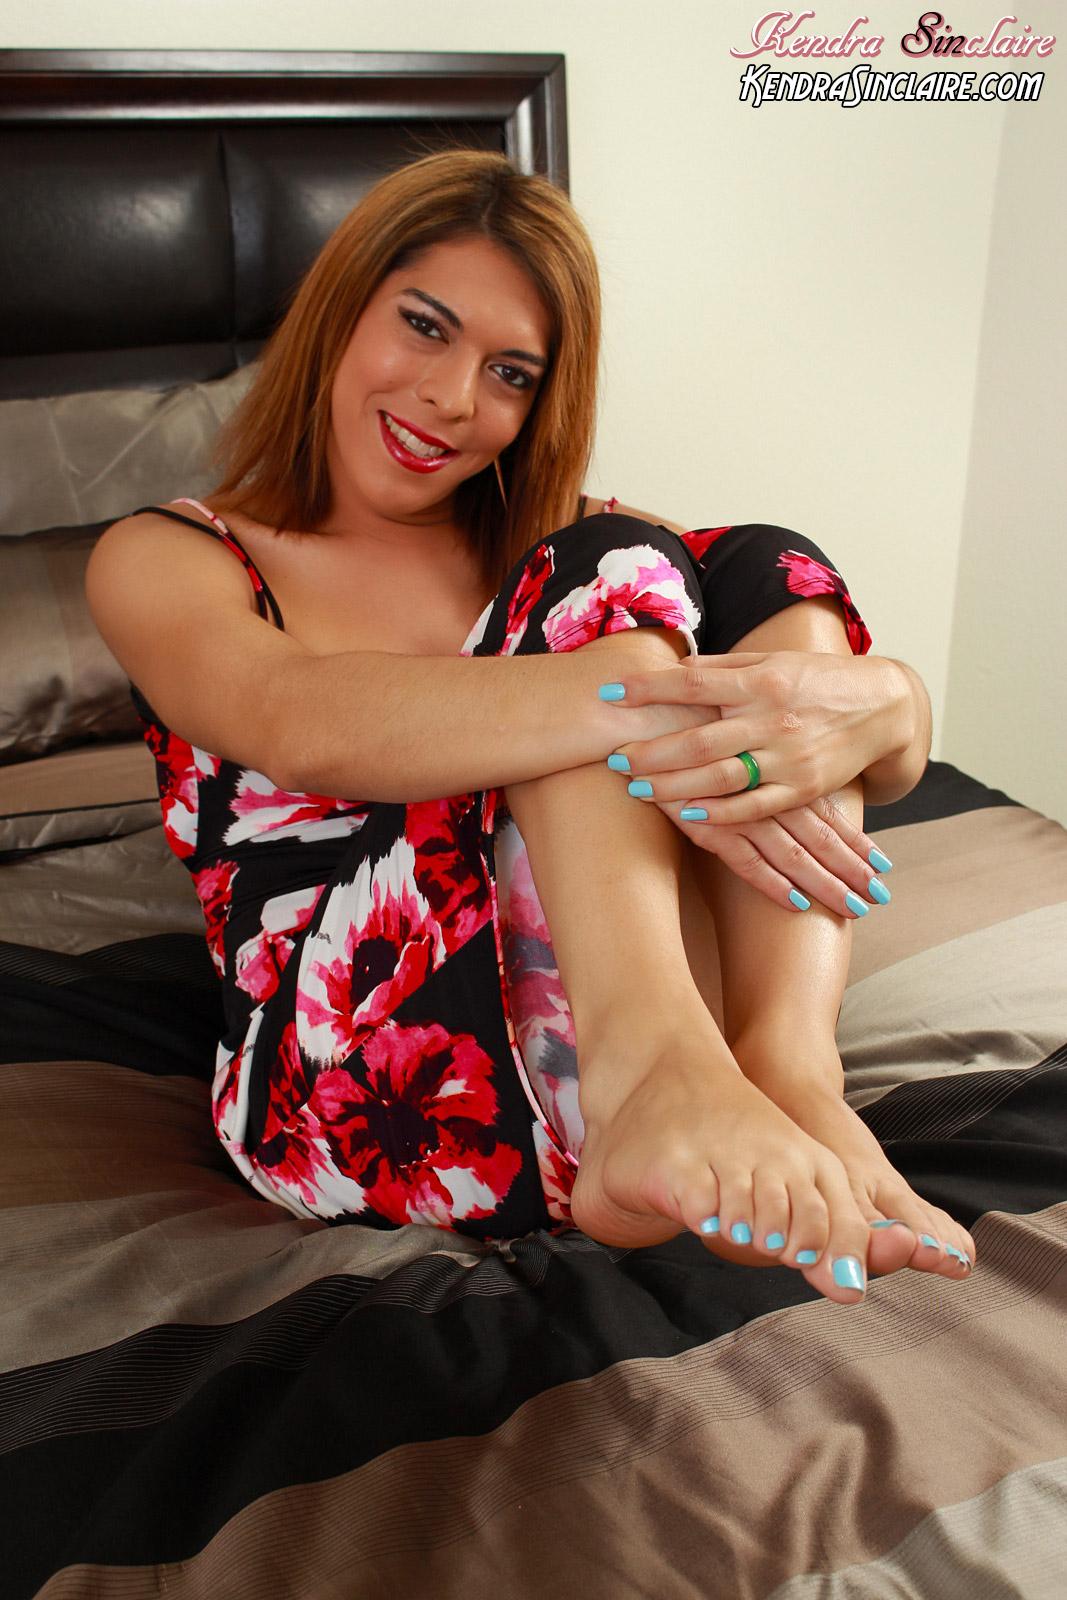 Lechita en los pies de mi mujer 3 - 1 part 6